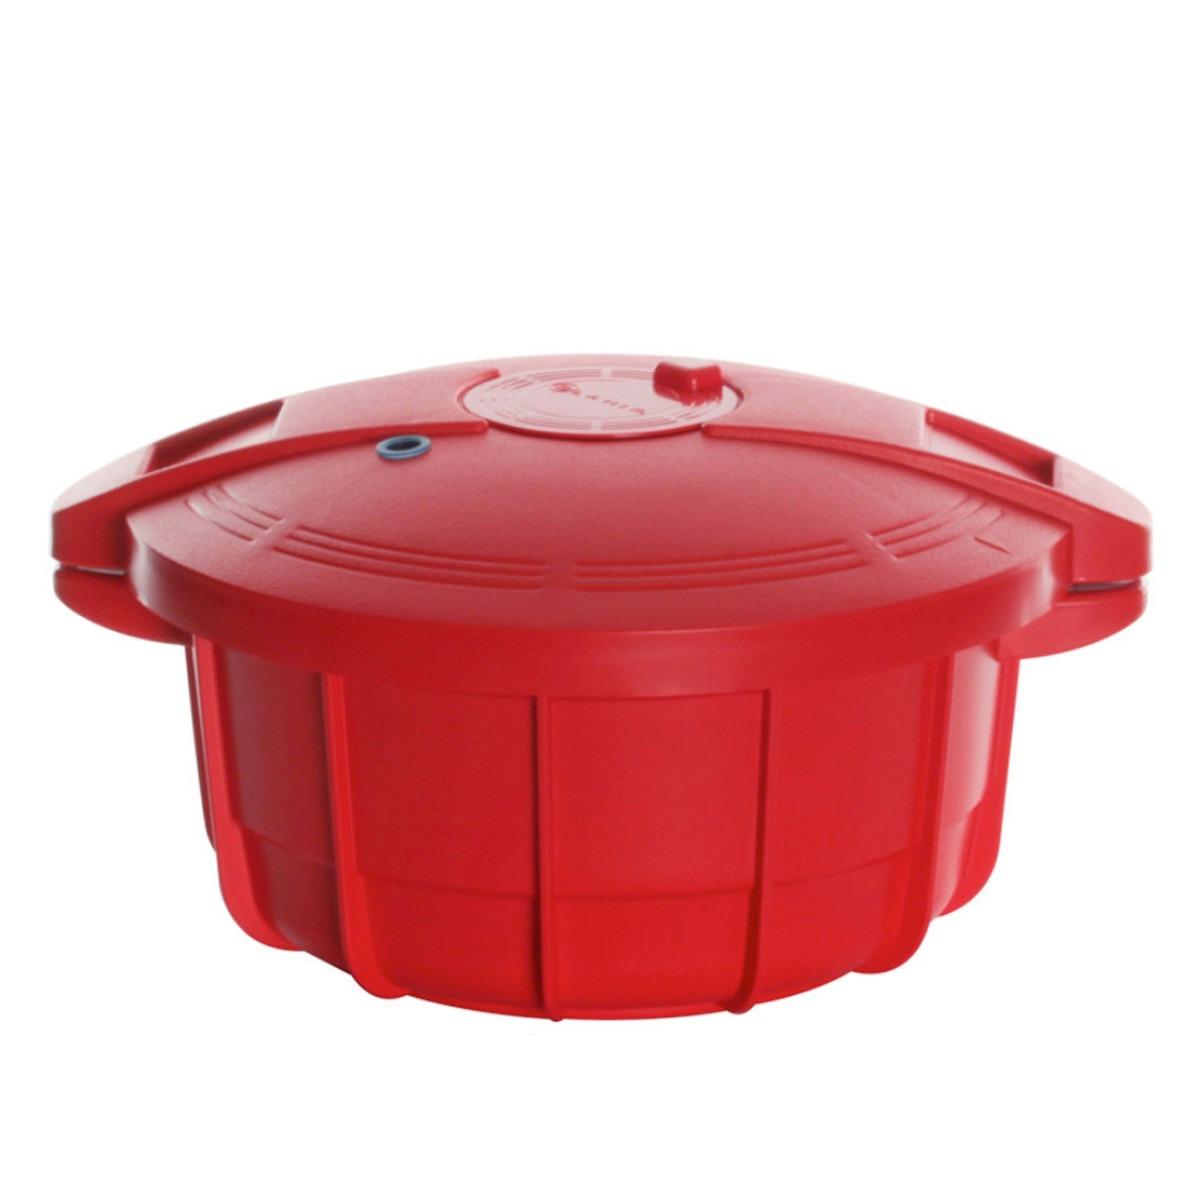 Olla a presion 3 25l para microondas y cocer al vapor blanik en mercado libre - Cocina al vapor microondas ...